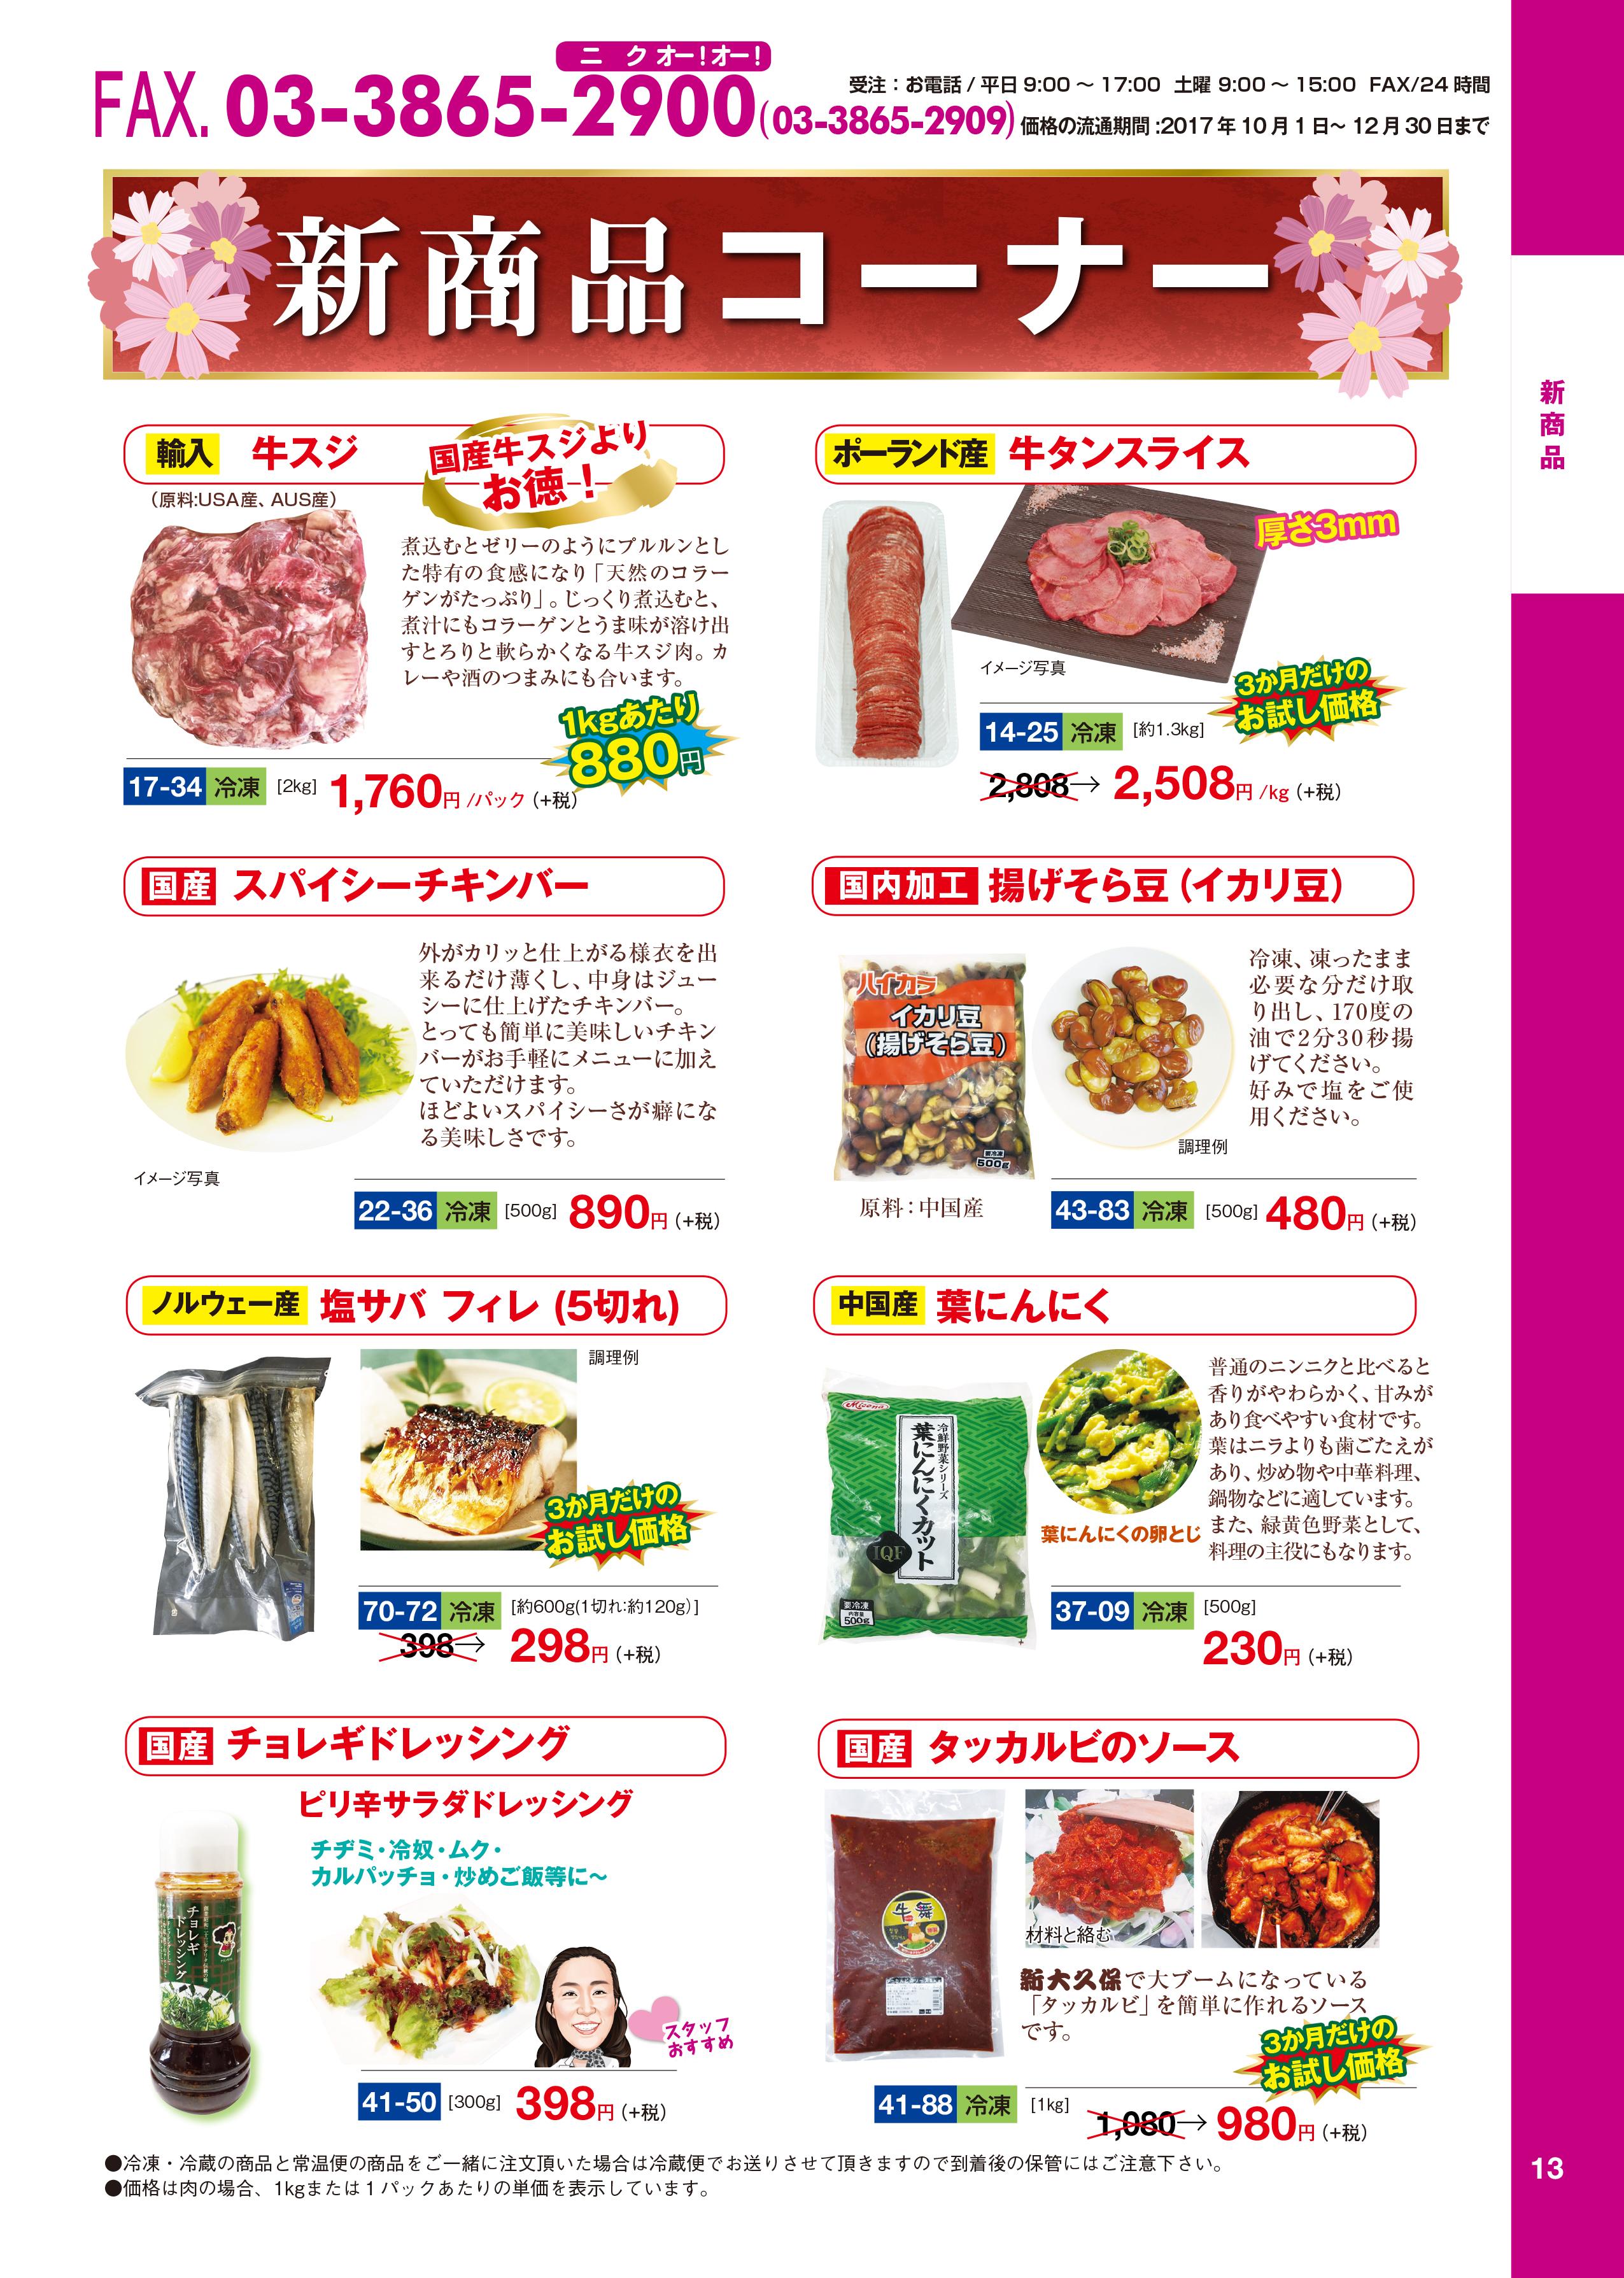 p012-013_新商品-2